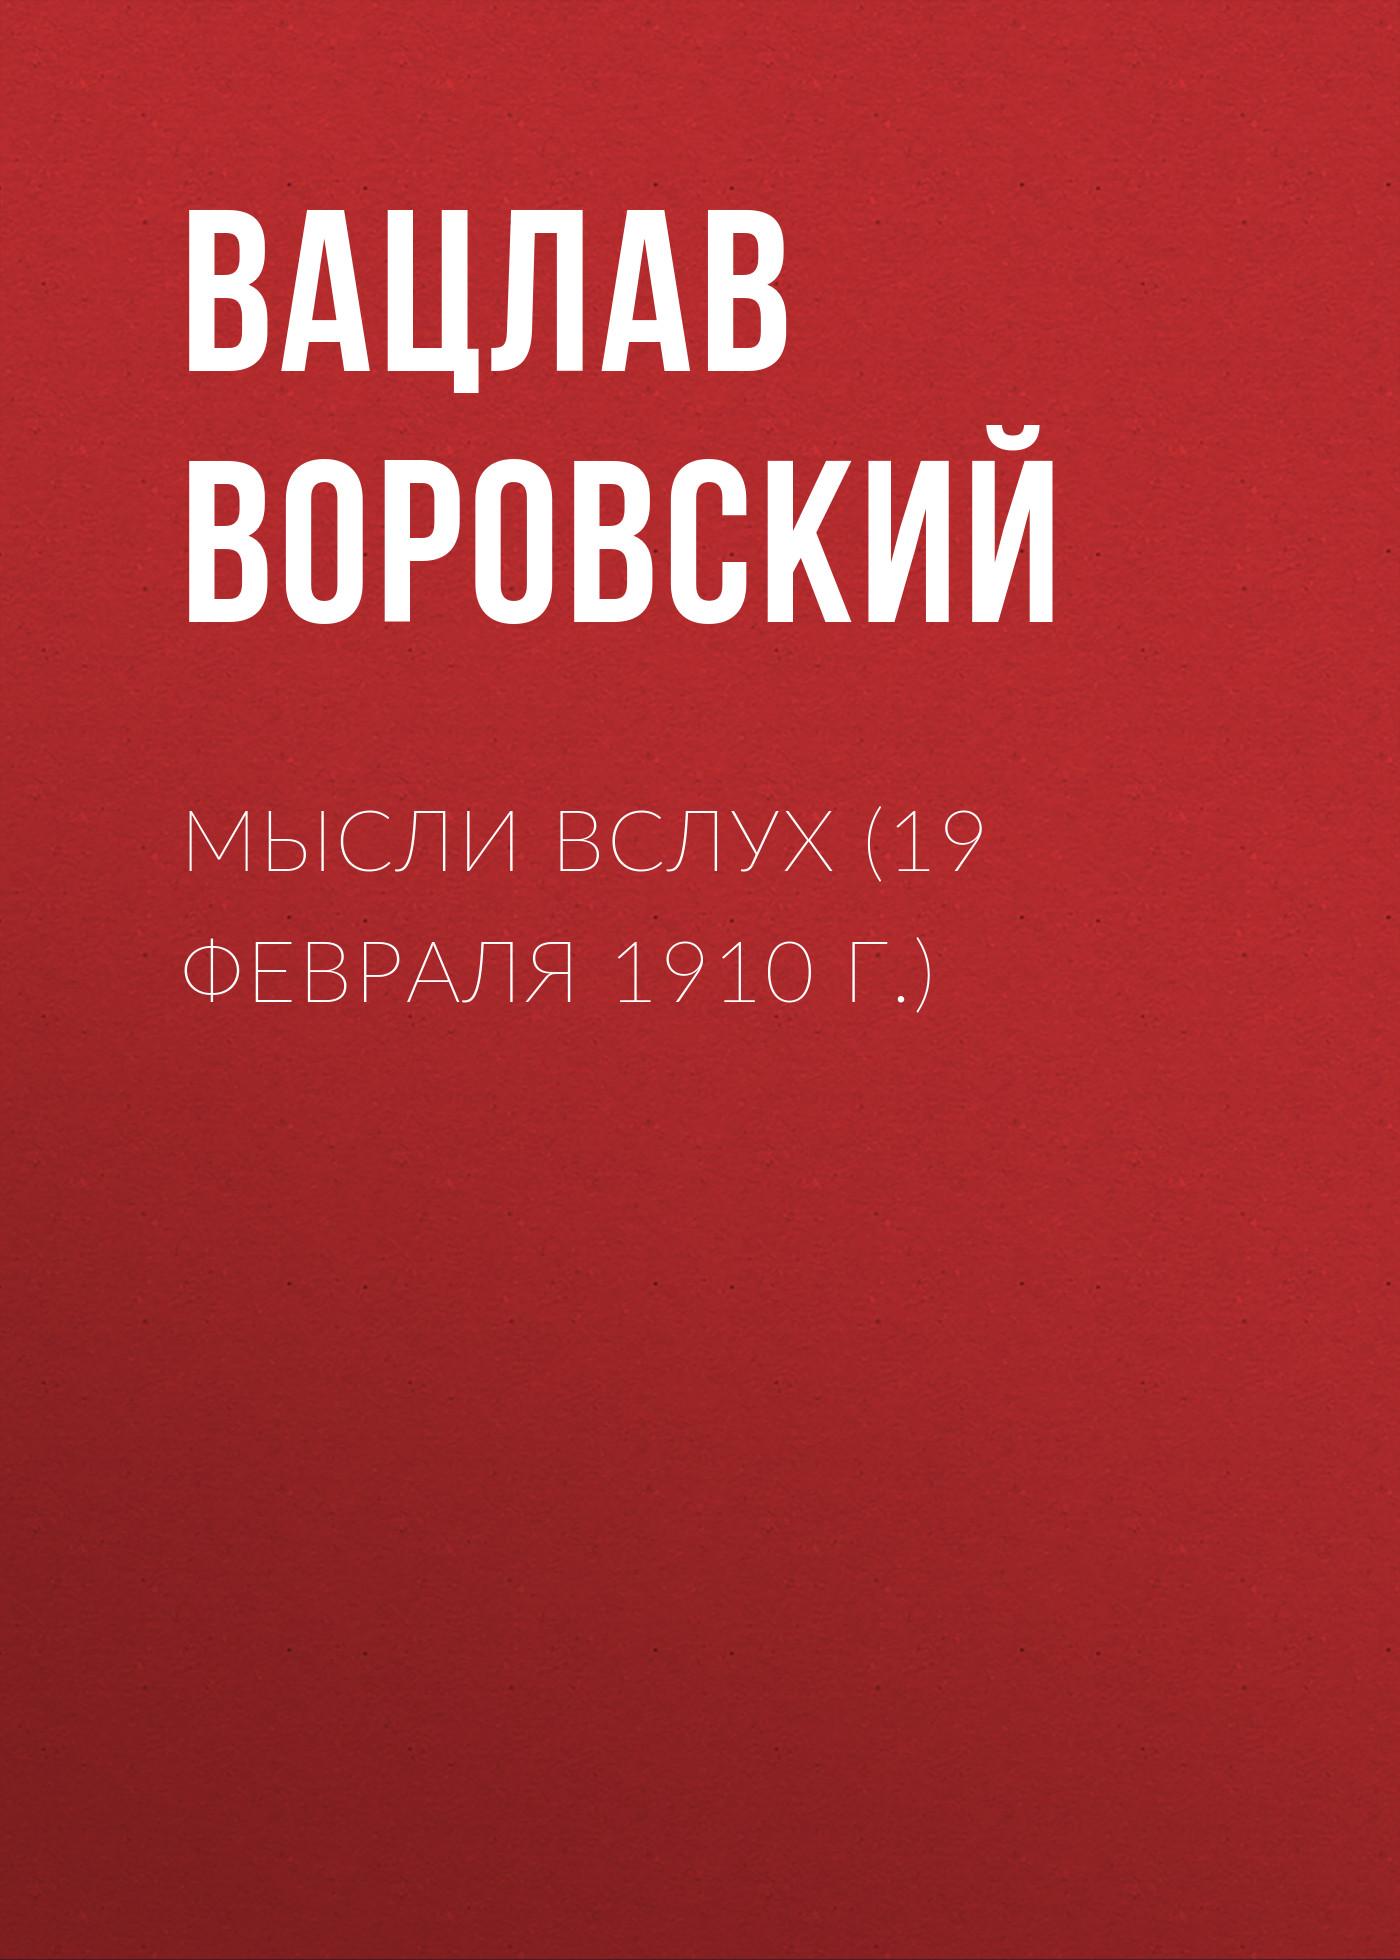 Вацлав Воровский Мысли вслух (19 февраля 1910 г.) вацлав воровский мысли вслух 15 января 1910 г